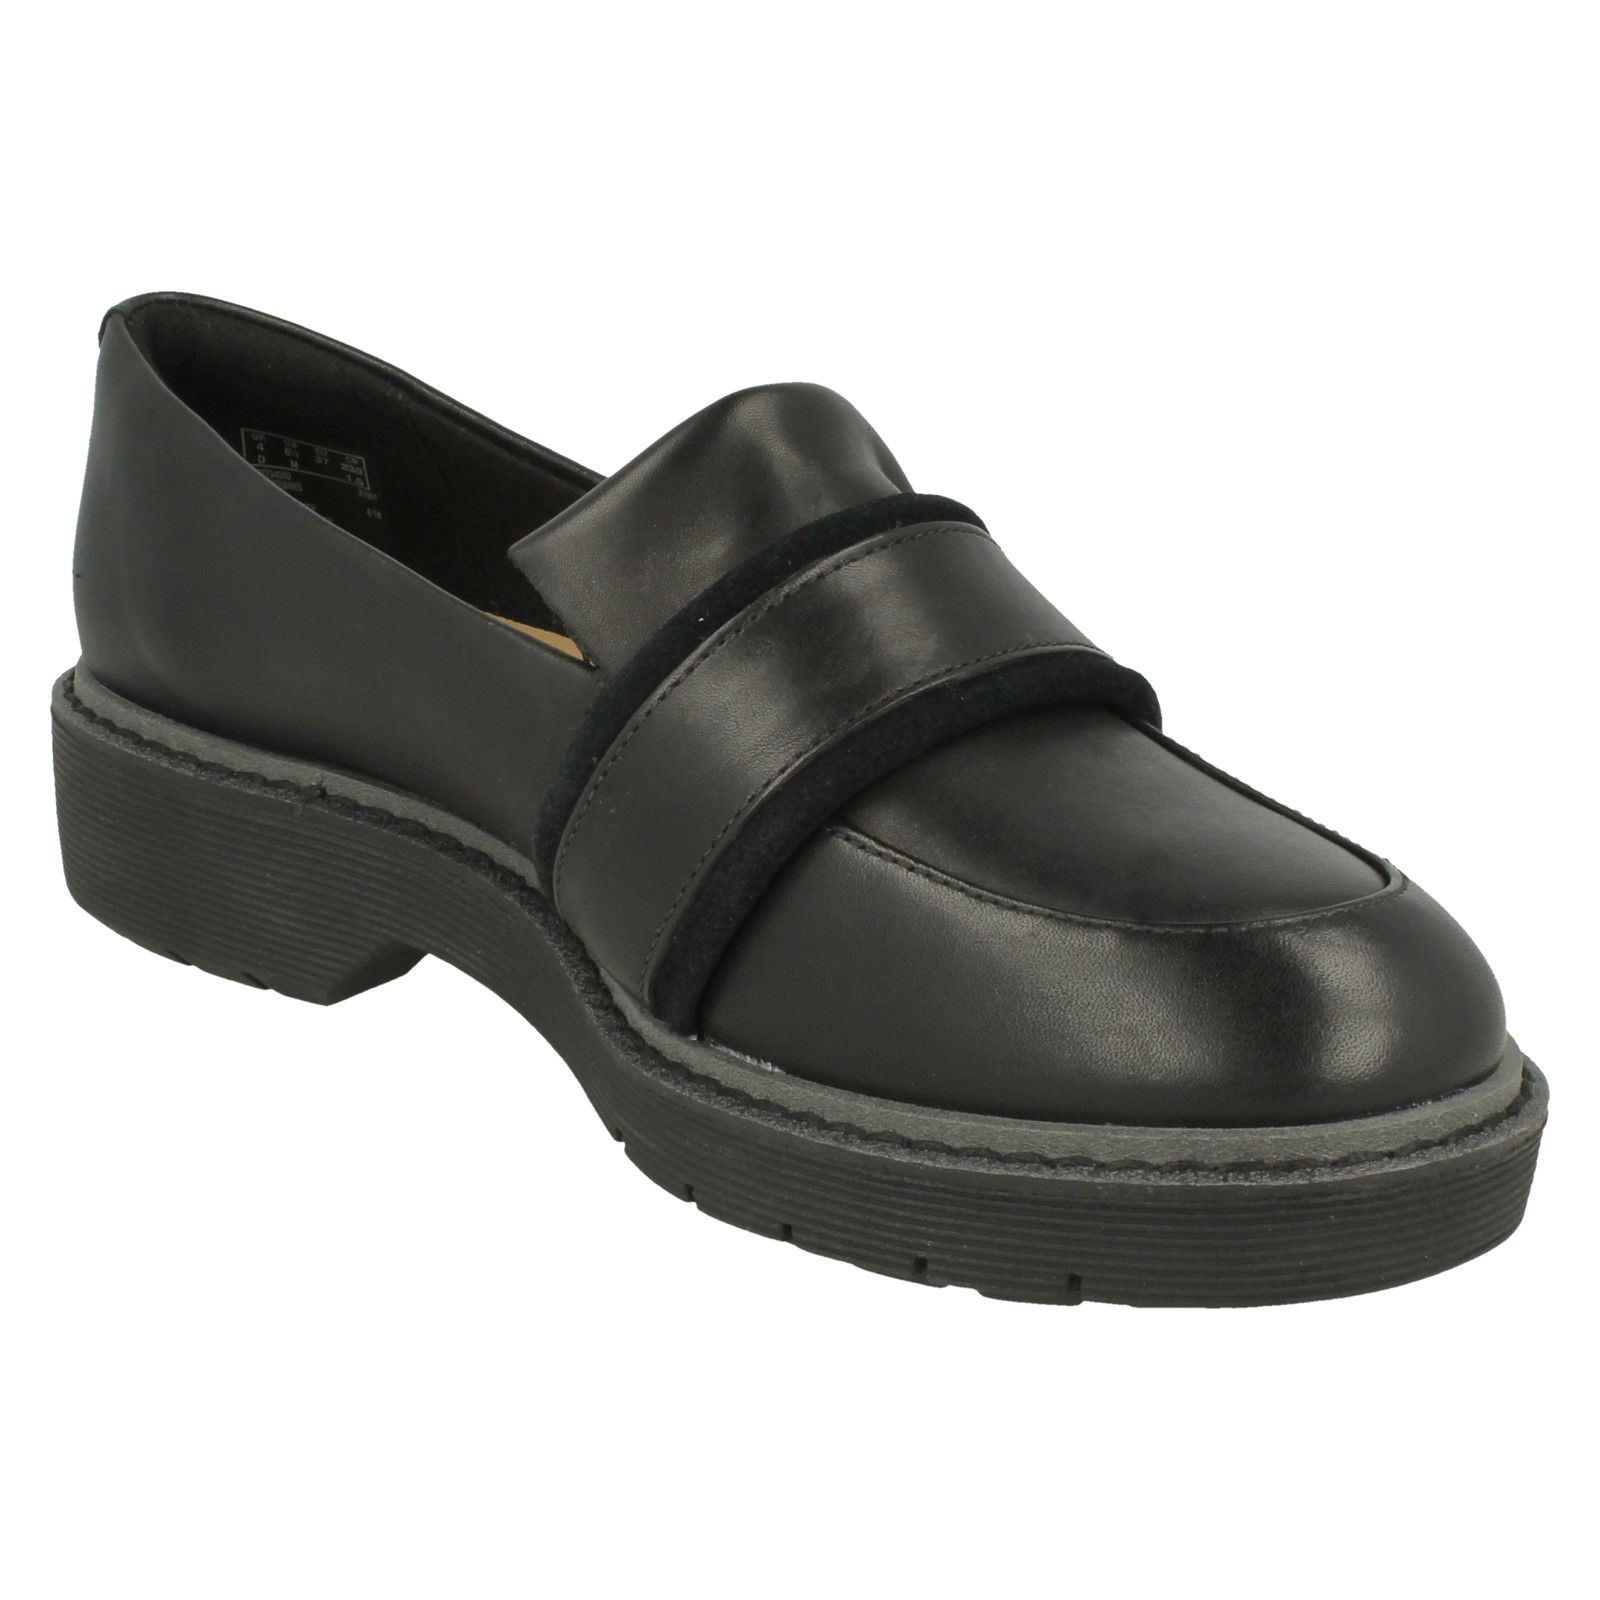 Damen Clarks Flache Mokassins Rubin Inspiriert Schuhe Alexa Rubin Mokassins 58569a